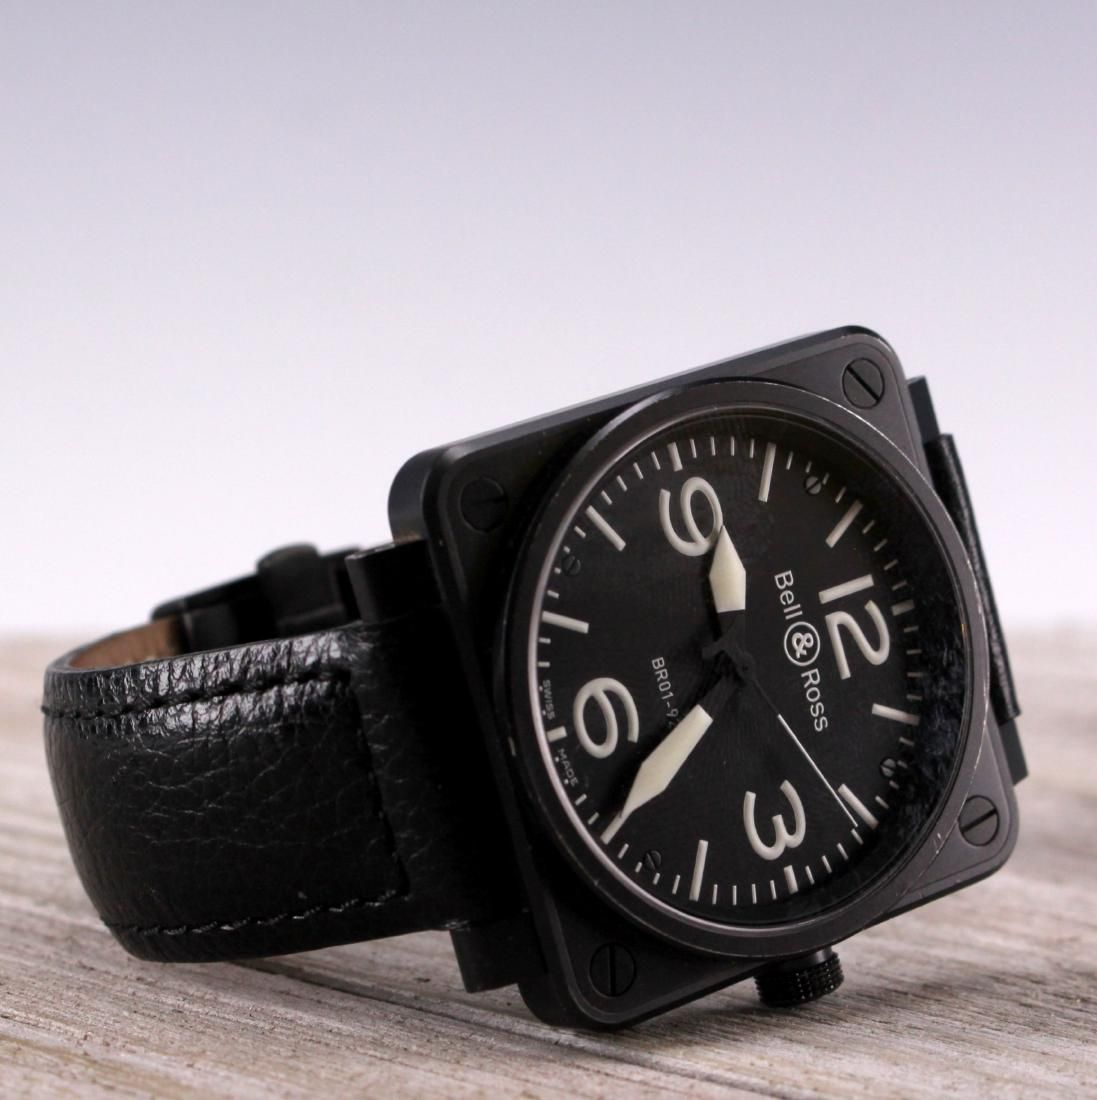 Bell & Ross Carbon Aviation Watch